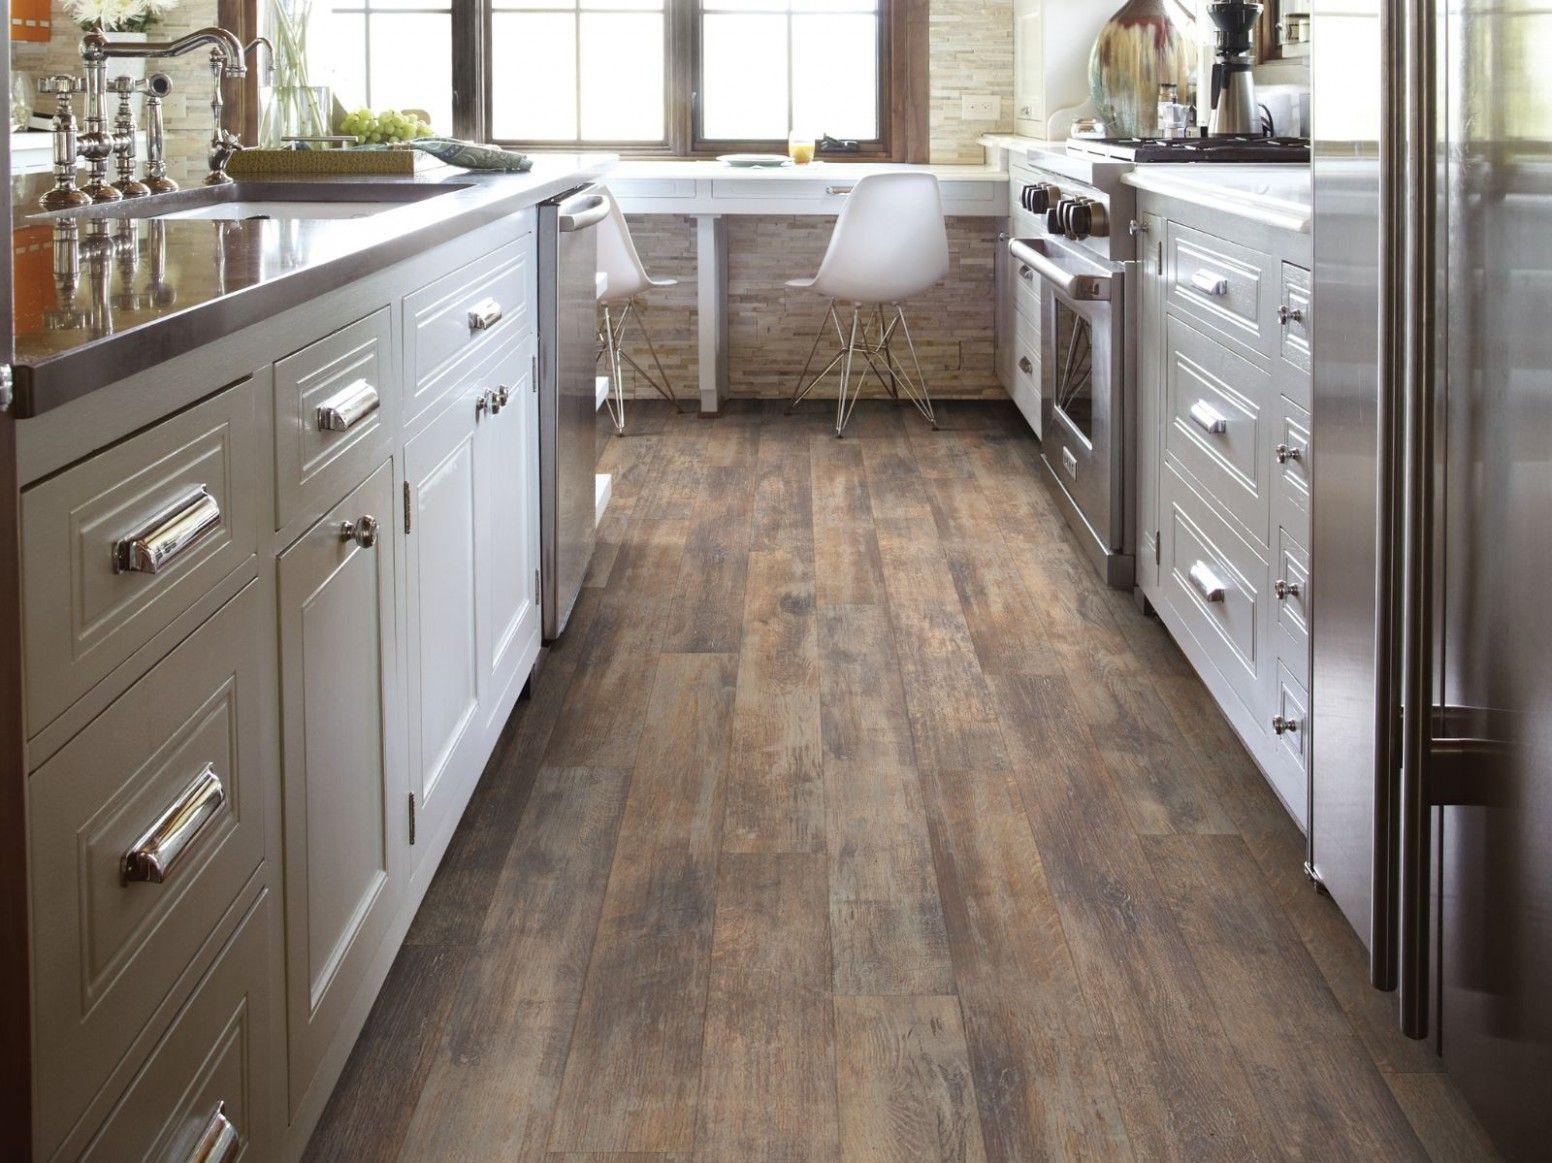 Installing Laminate Flooring Around Kitchen Cabinets Laminate Flooring Wood Laminate Flooring Flooring